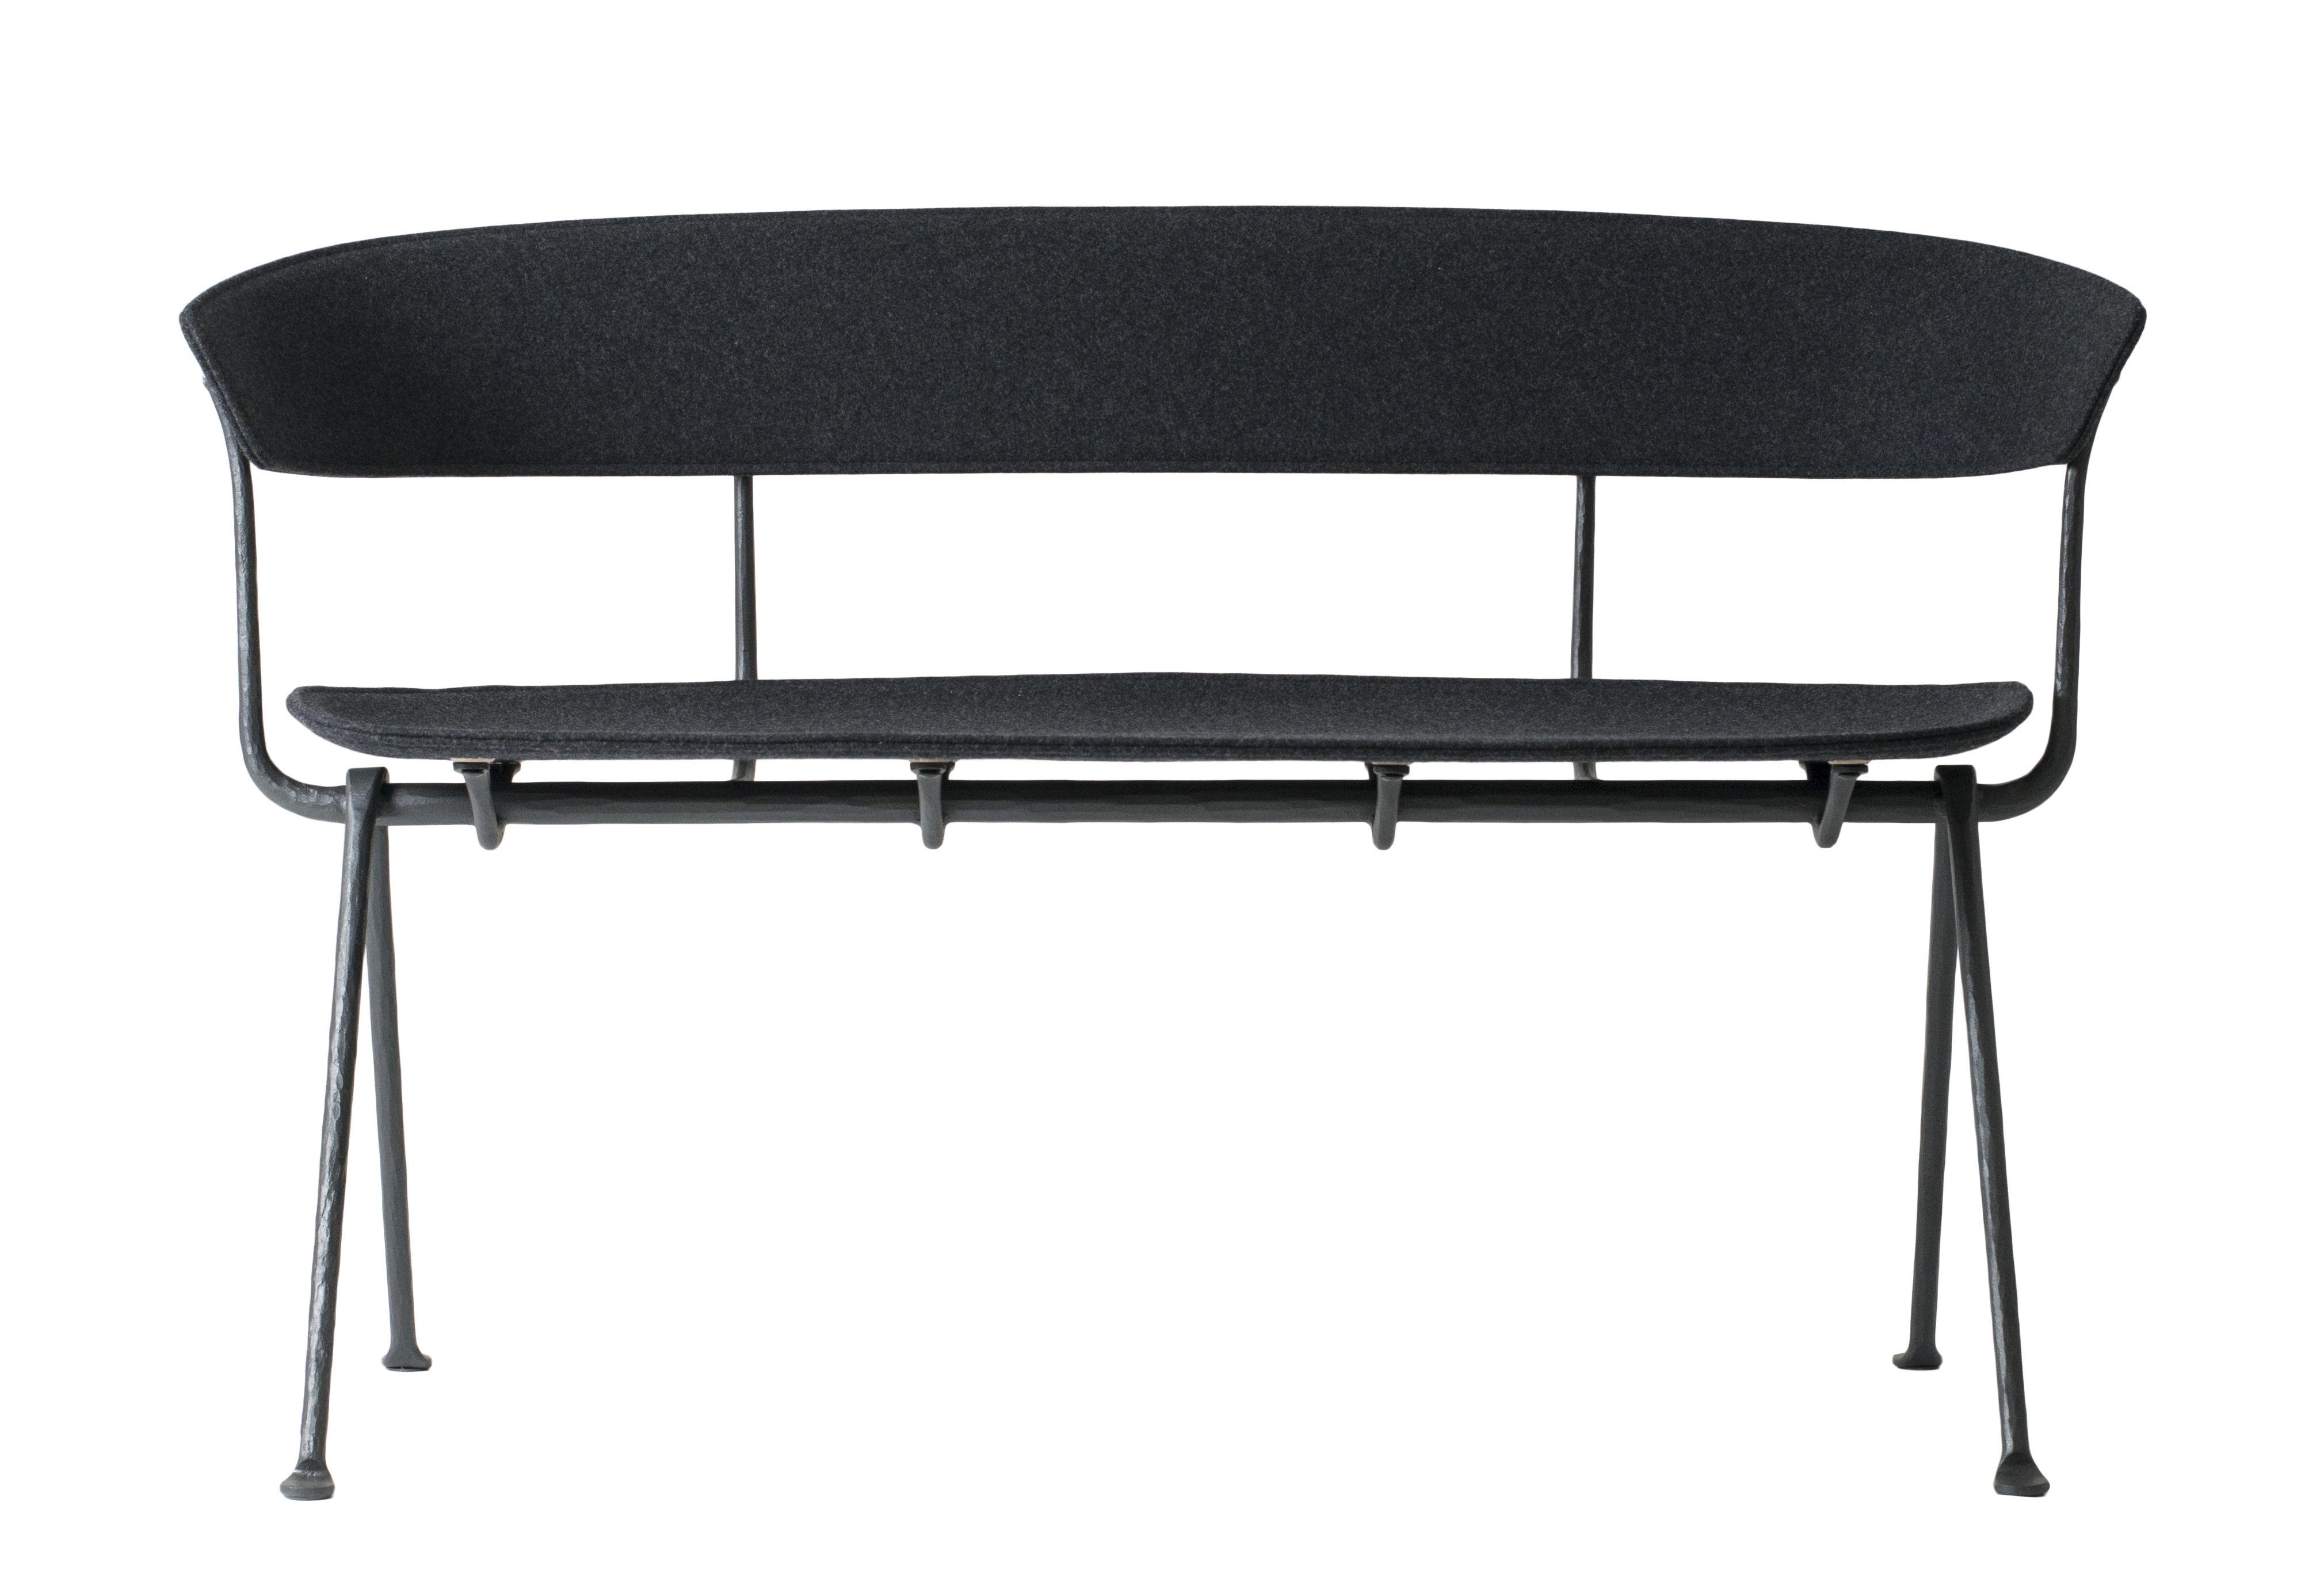 Mobilier - Bancs - Banquette Officina / Tissu - L 125 cm - Magis - Tissu gris foncé / Structure noire - Contreplaqué de hêtre, Fer forgé verni, Tissu Kvadrat